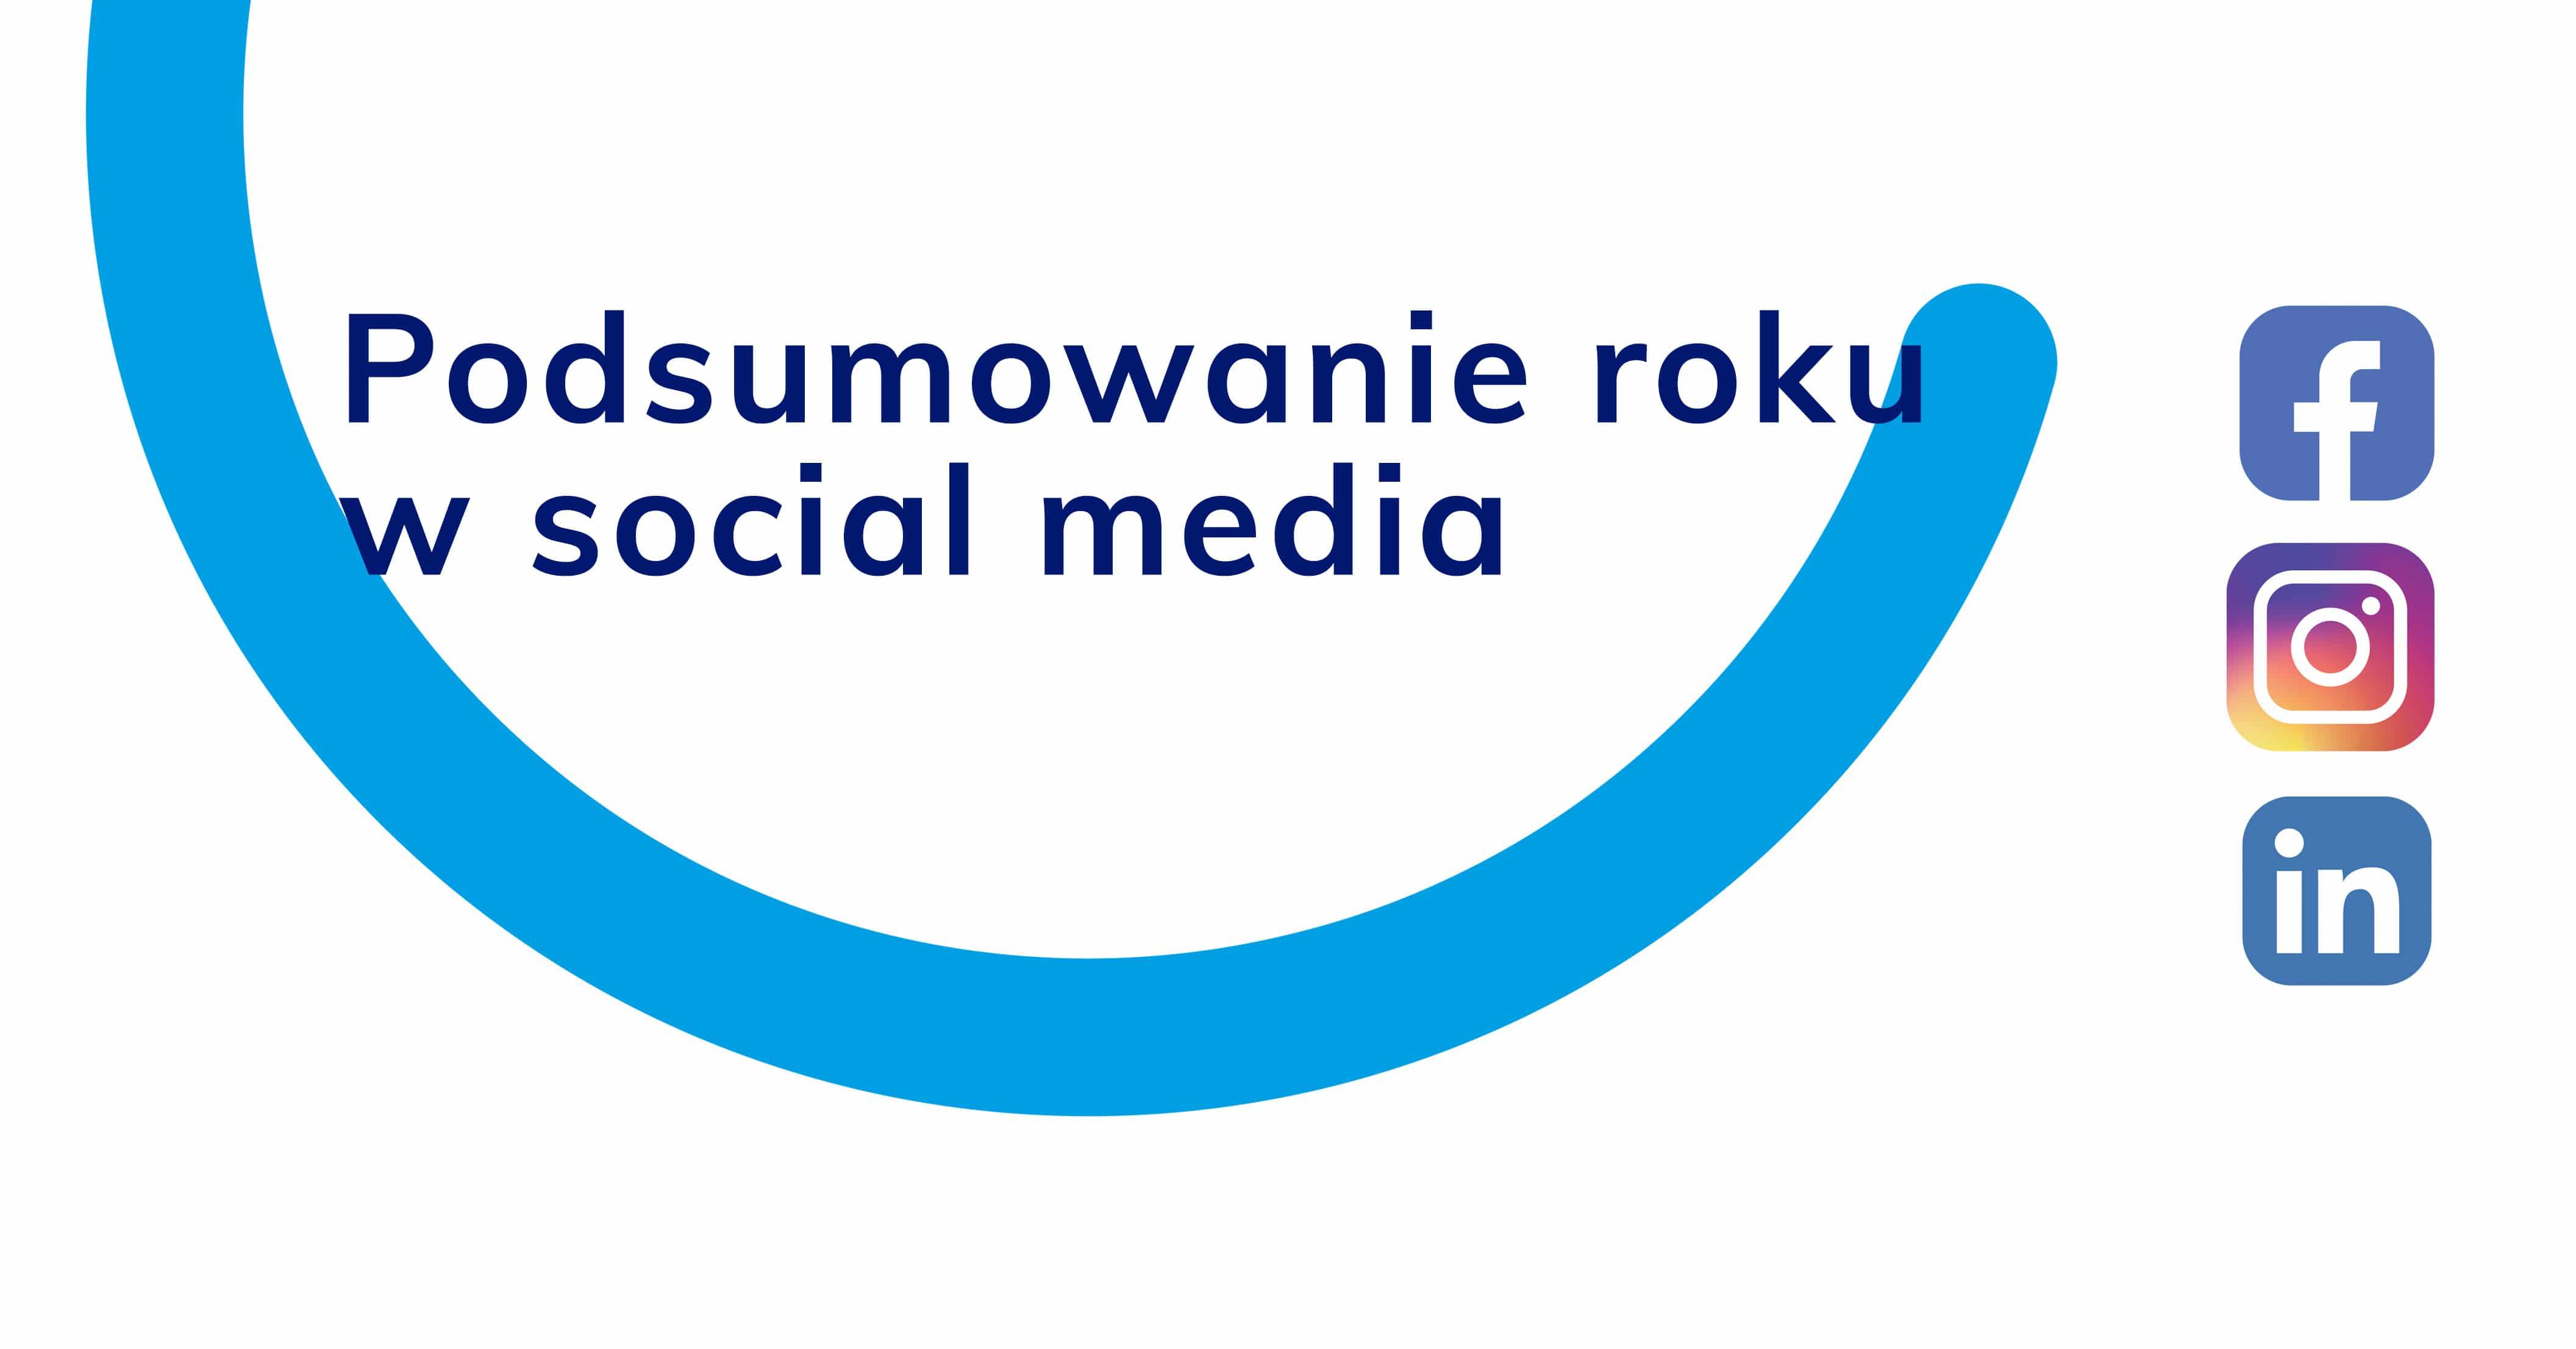 podsumowanie roku w social media 2